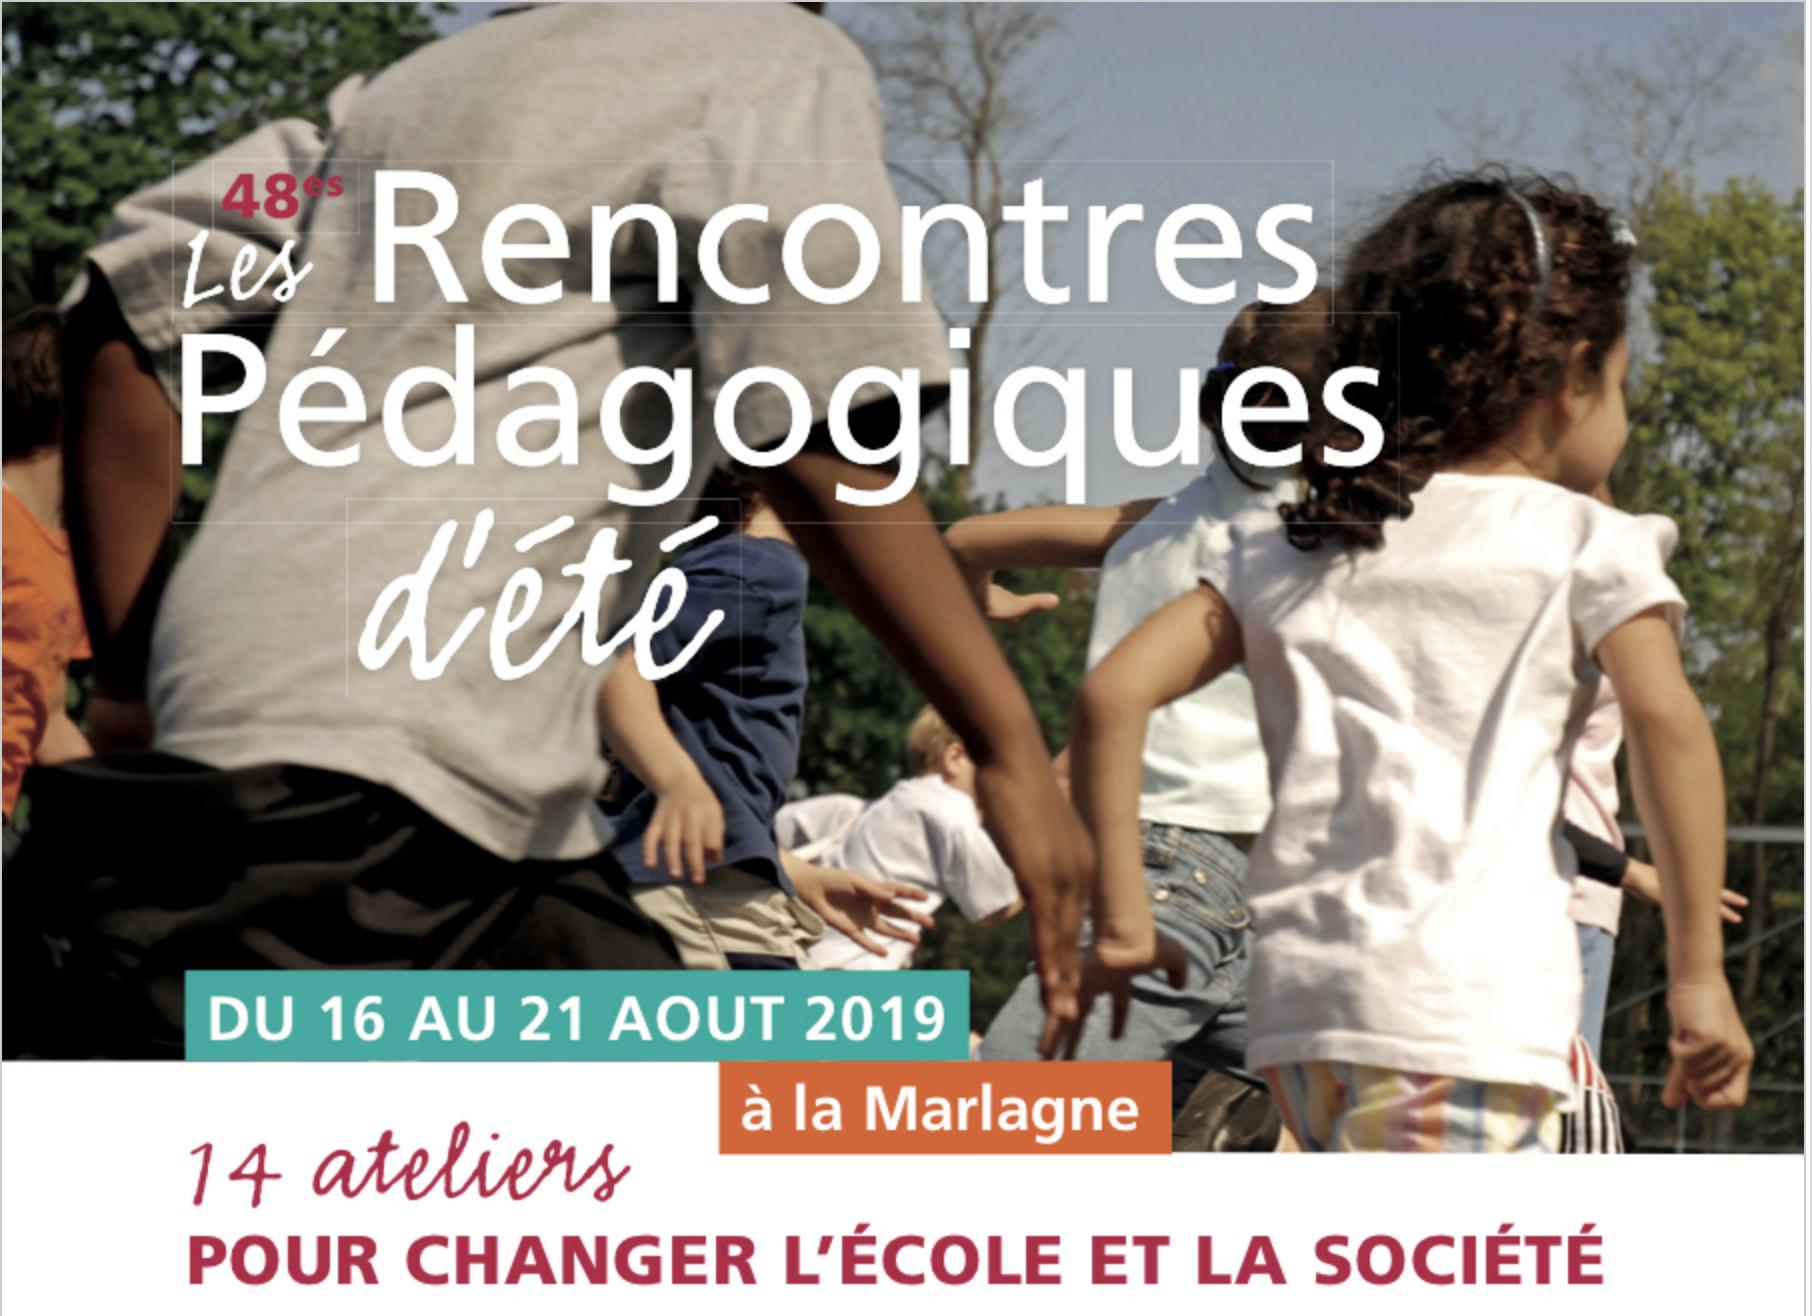 Actualité n°11 : Rencontres Pédagogiques d'Eté 16-21 août 2019